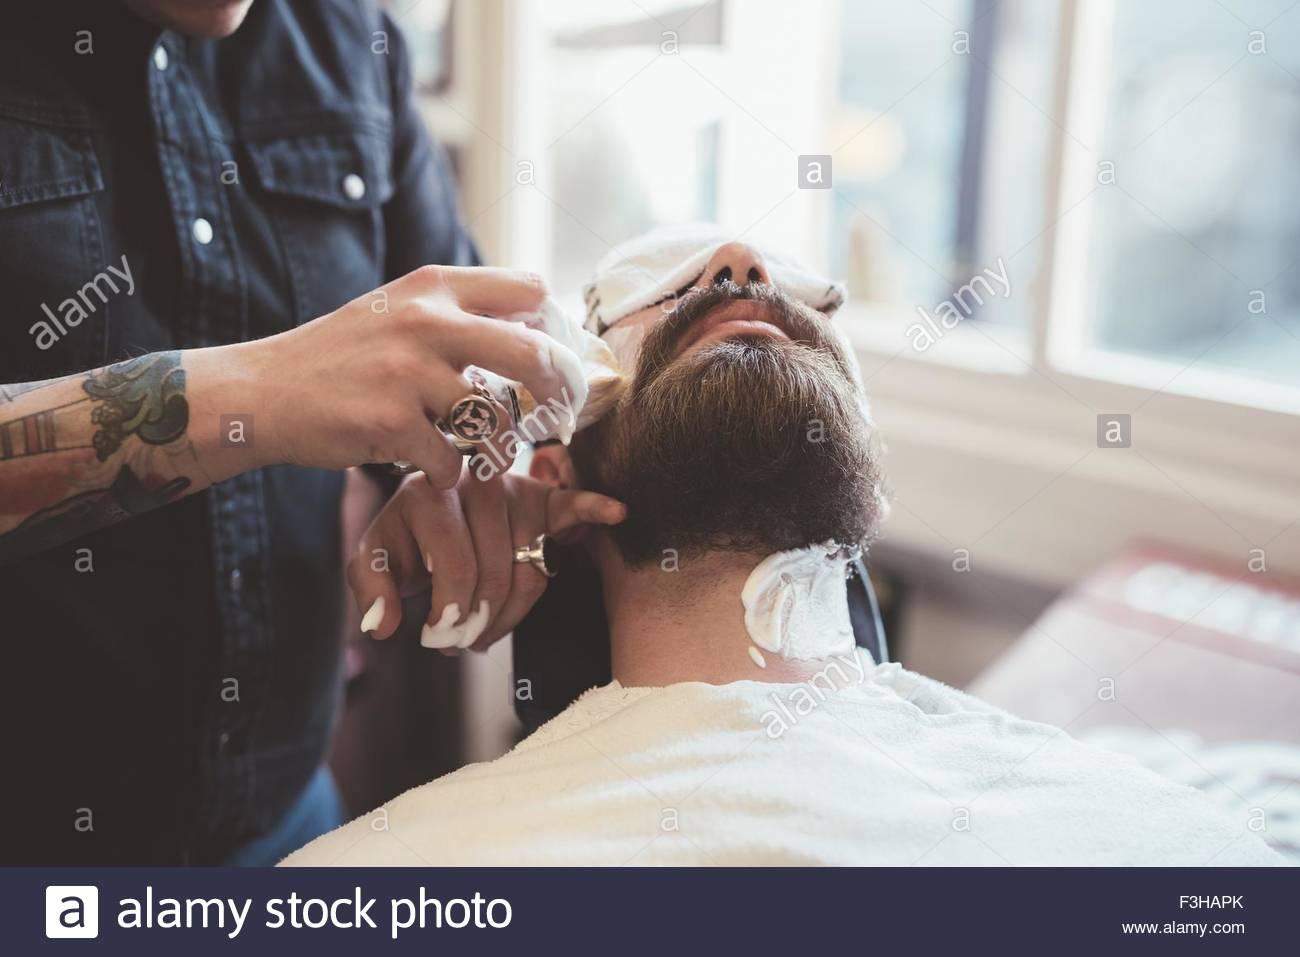 Coiffure L'application de la crème à raser clients doivent faire face dans un salon de coiffure Photo Stock